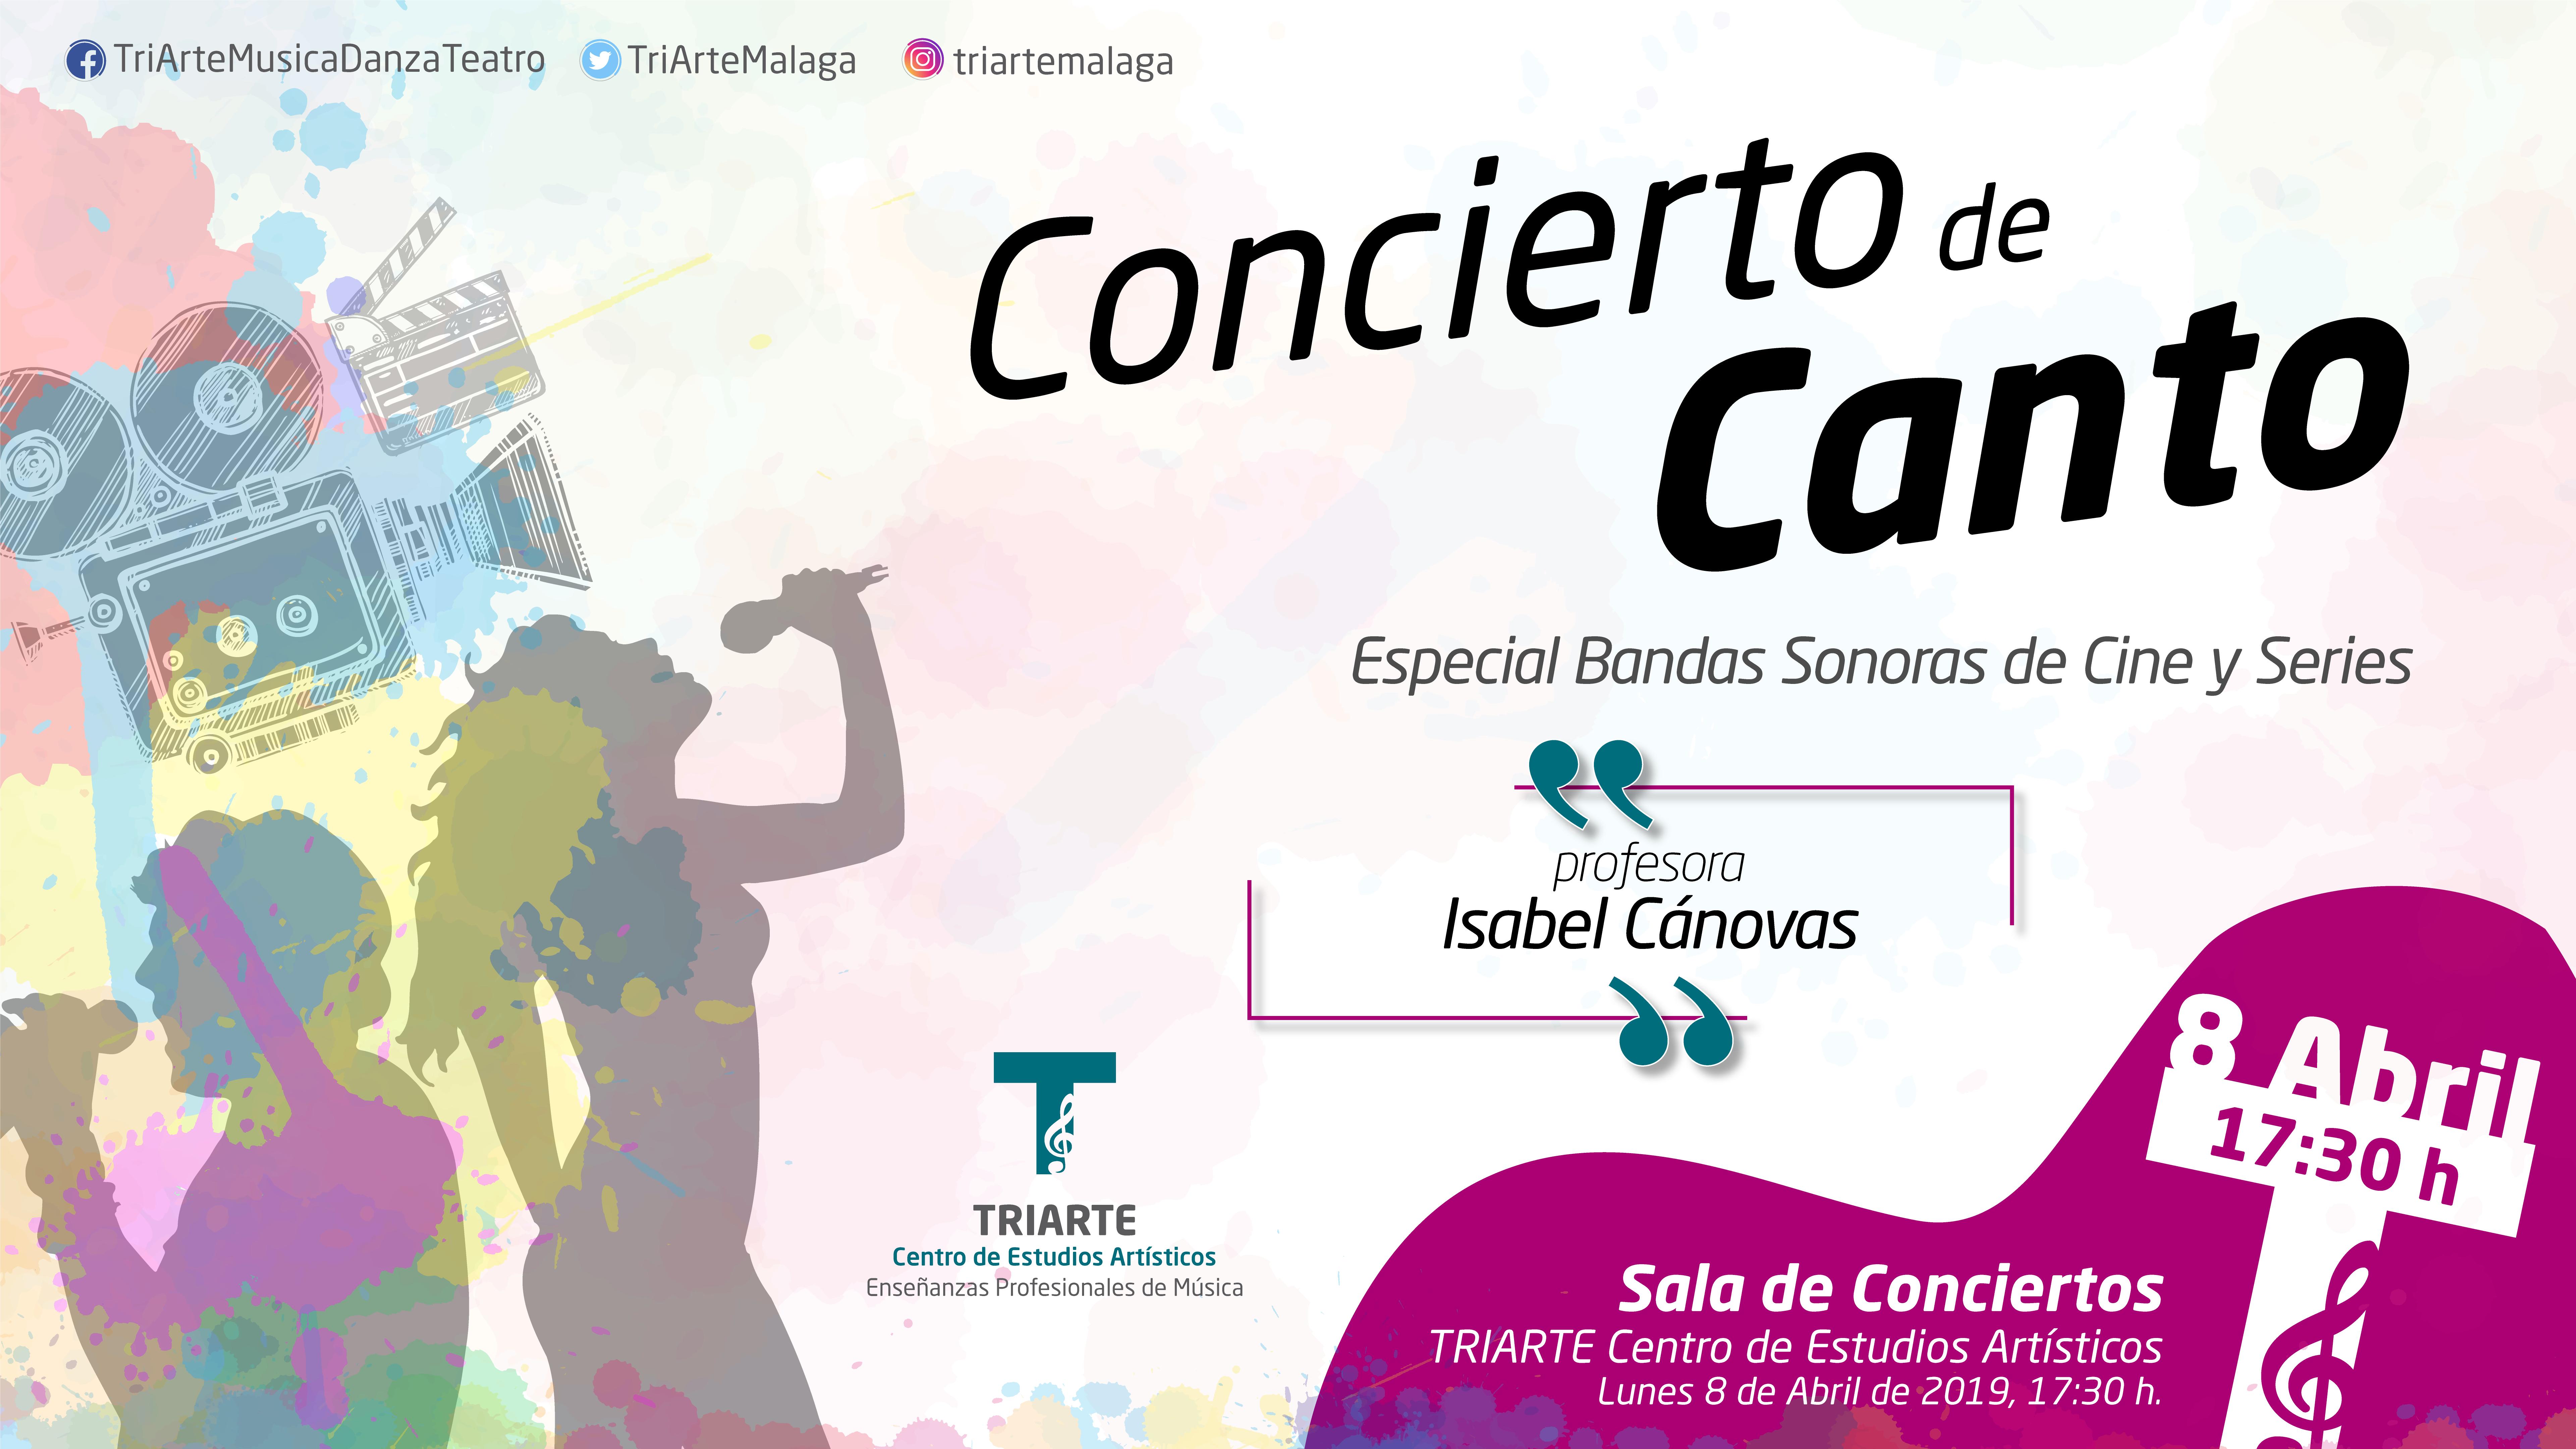 Concierto de Canto. alumnos de Isabel Cánovas. BSO de Series y Películas. Abril 2019.